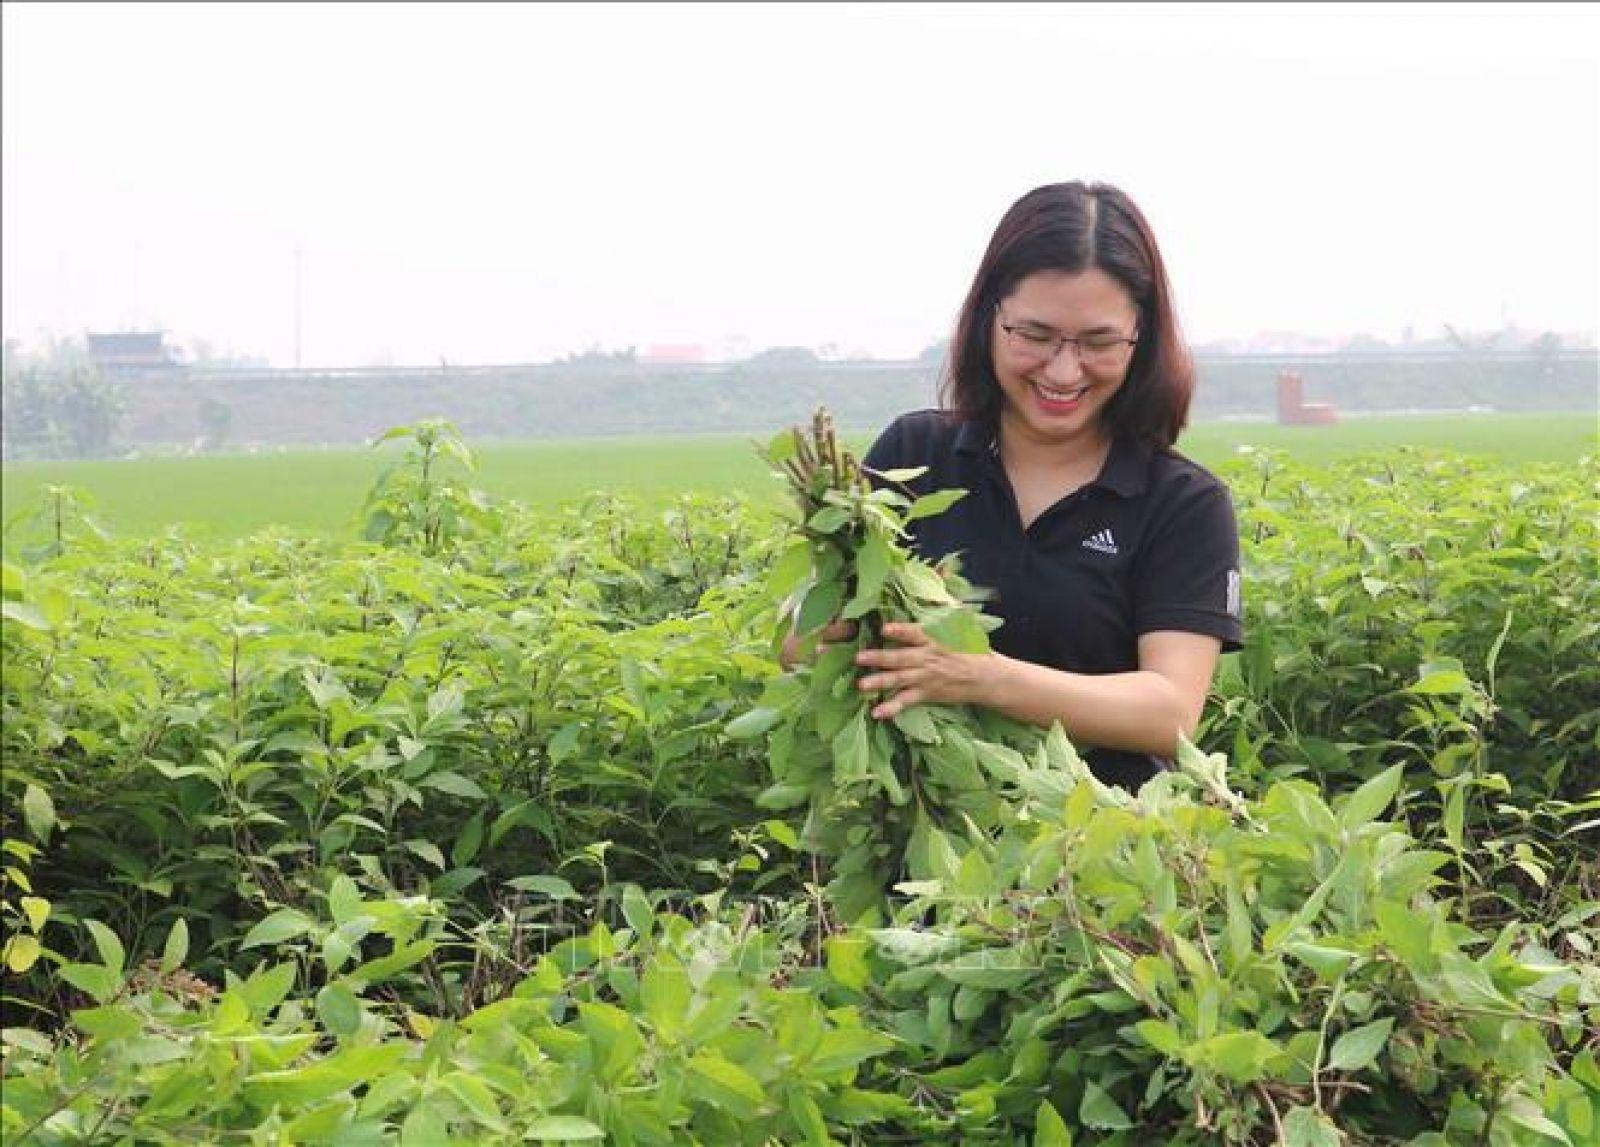 Vũ Thị Thu thu hoạch cây hương nhu để về chiết xuất ra các sản phẩm thảo dược. Ảnh: Thái Hùng/TTXVN